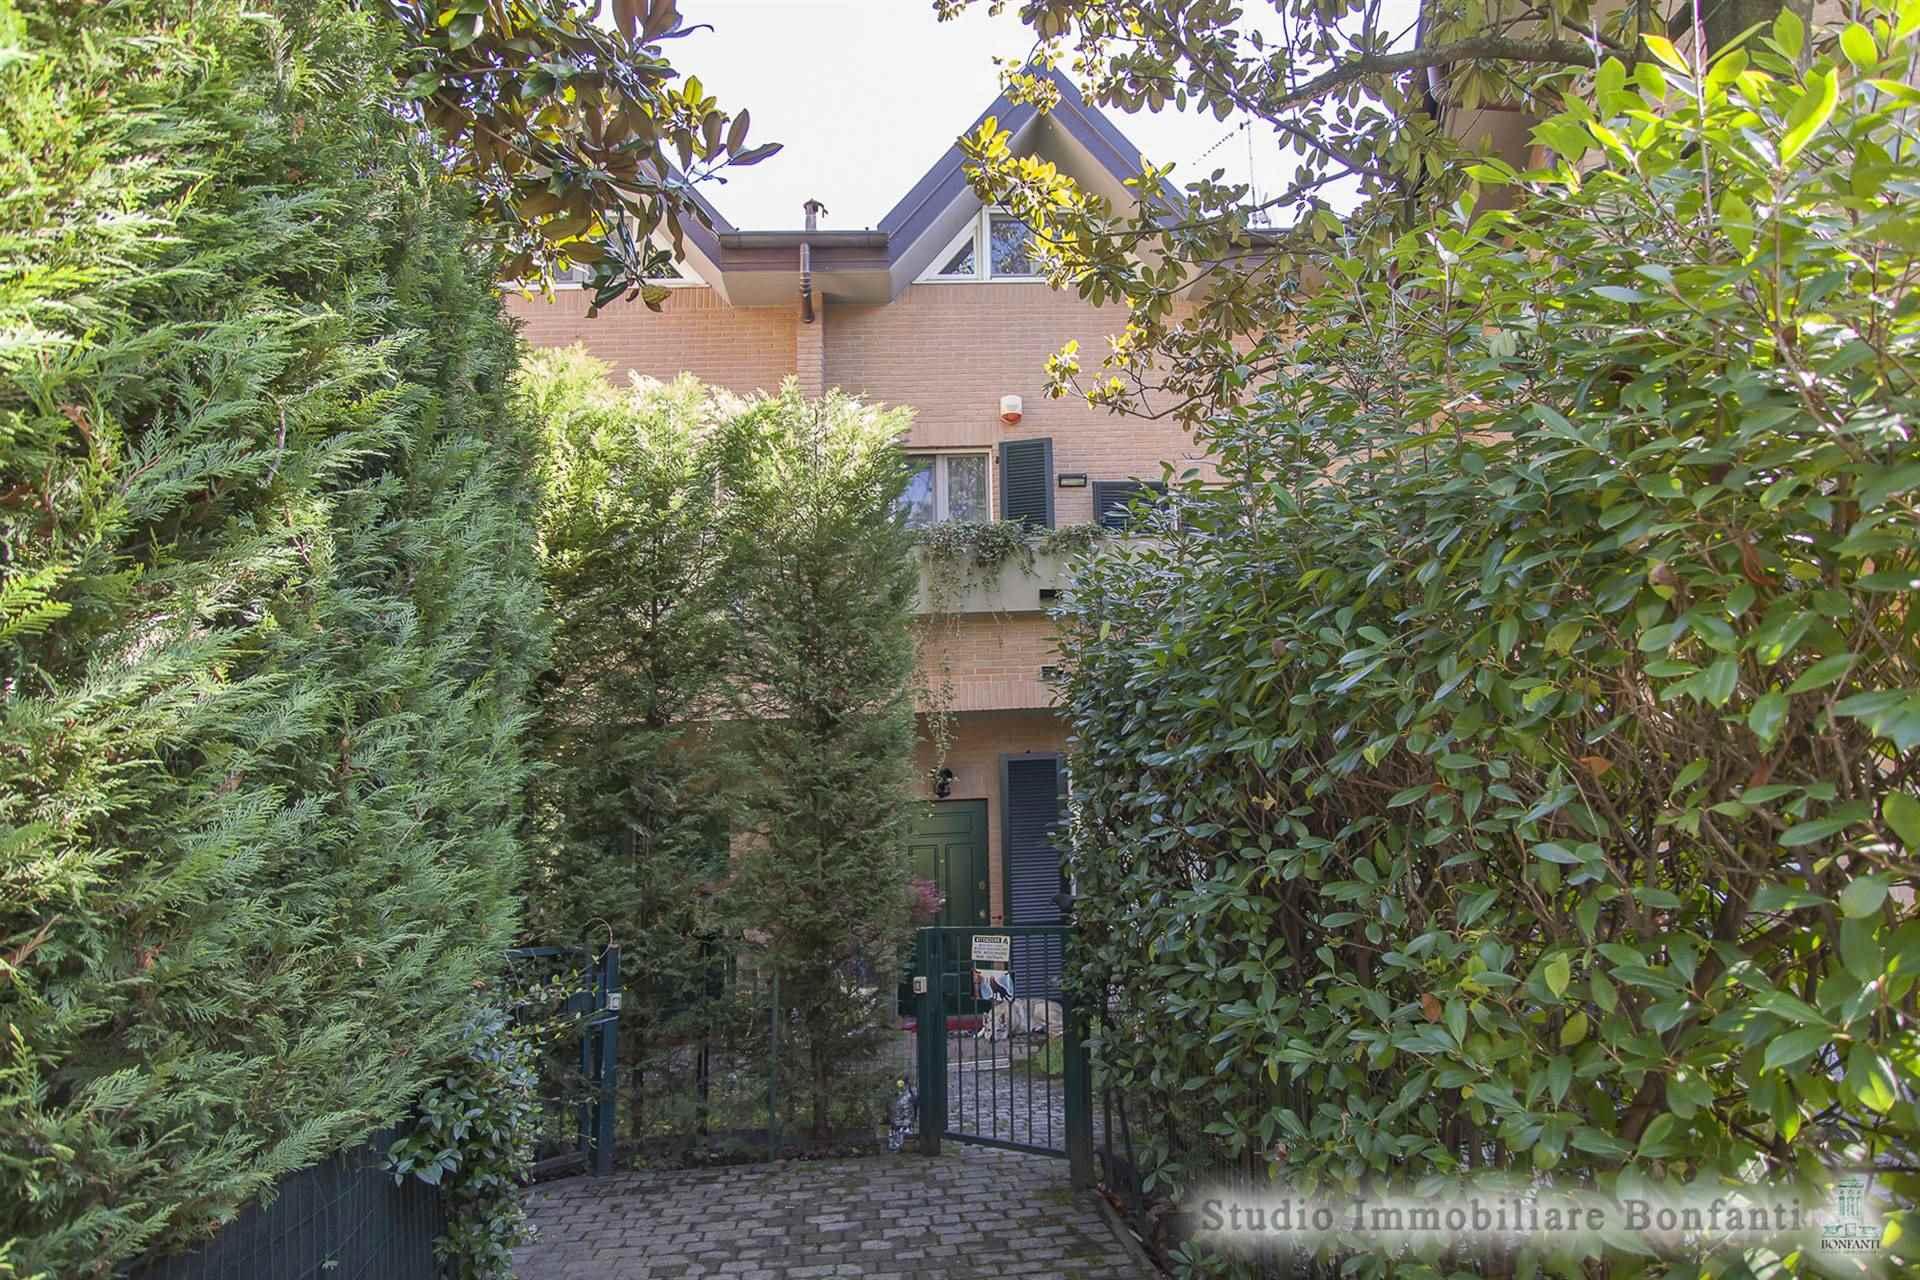 Villa a Schiera in vendita a Cusano Milanino, 4 locali, zona Zona: Città Giardino di Milanino, prezzo € 550.000   CambioCasa.it